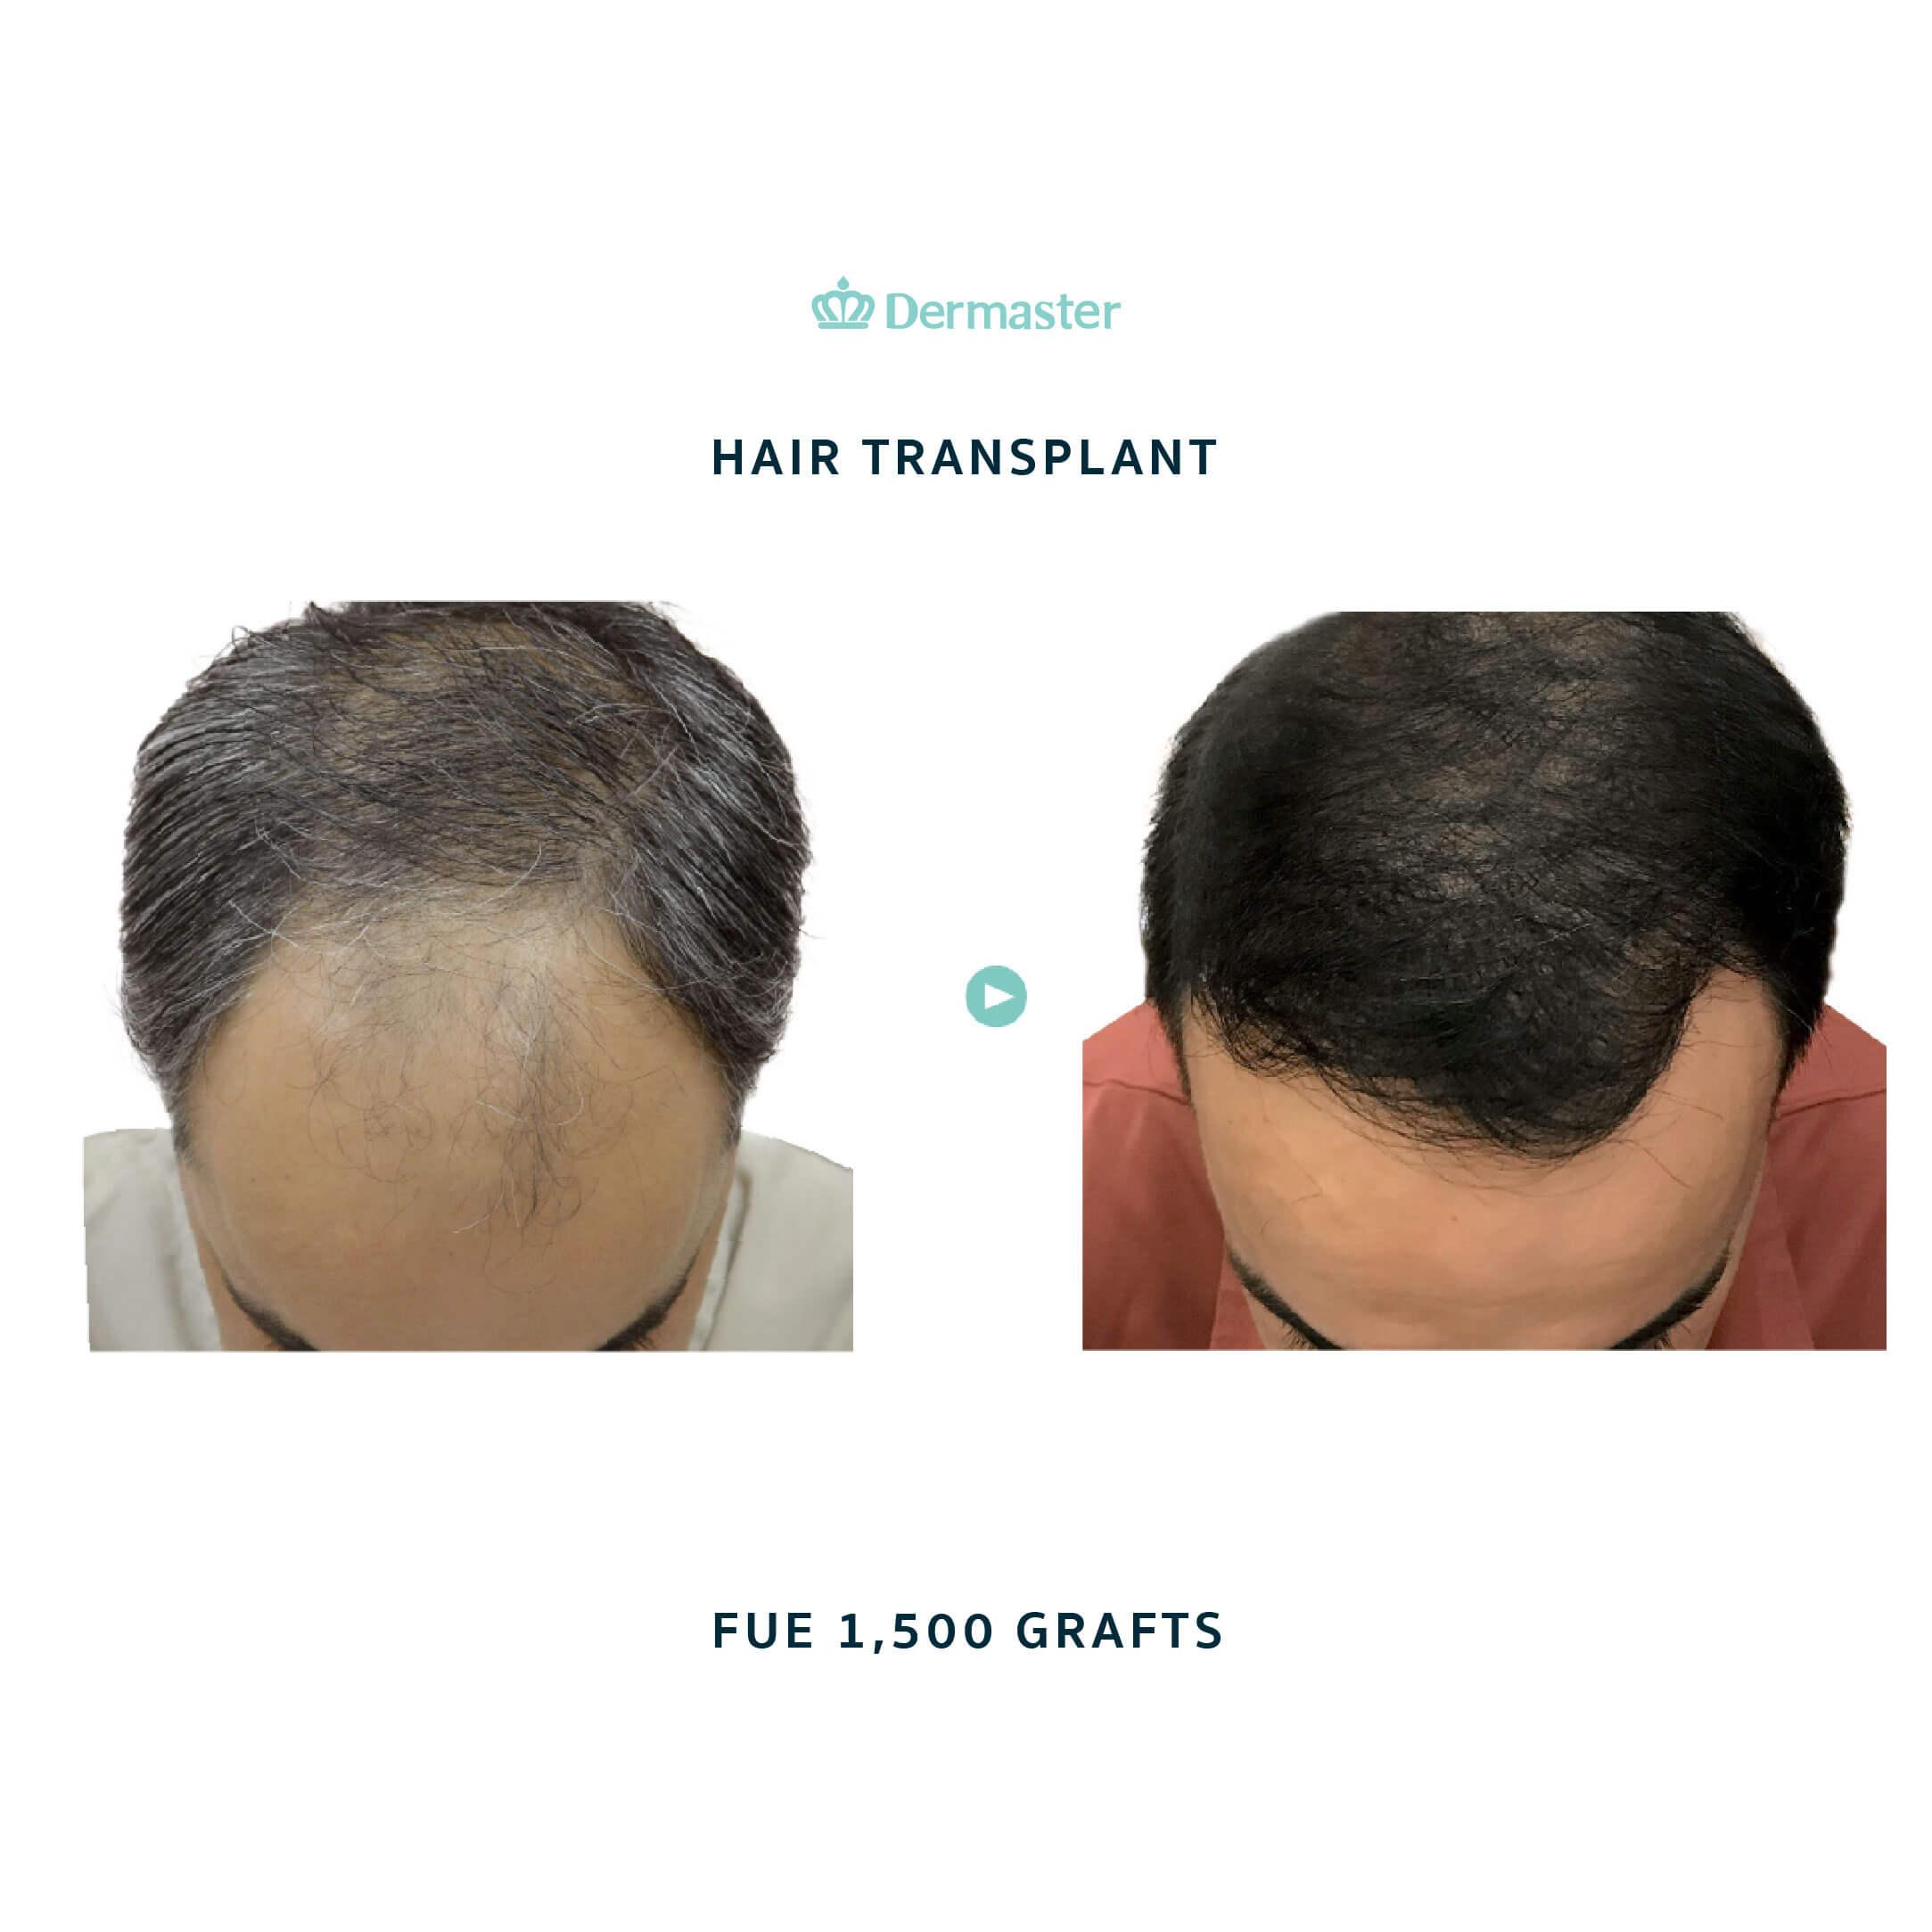 dermaster-before-hair-transplant-01